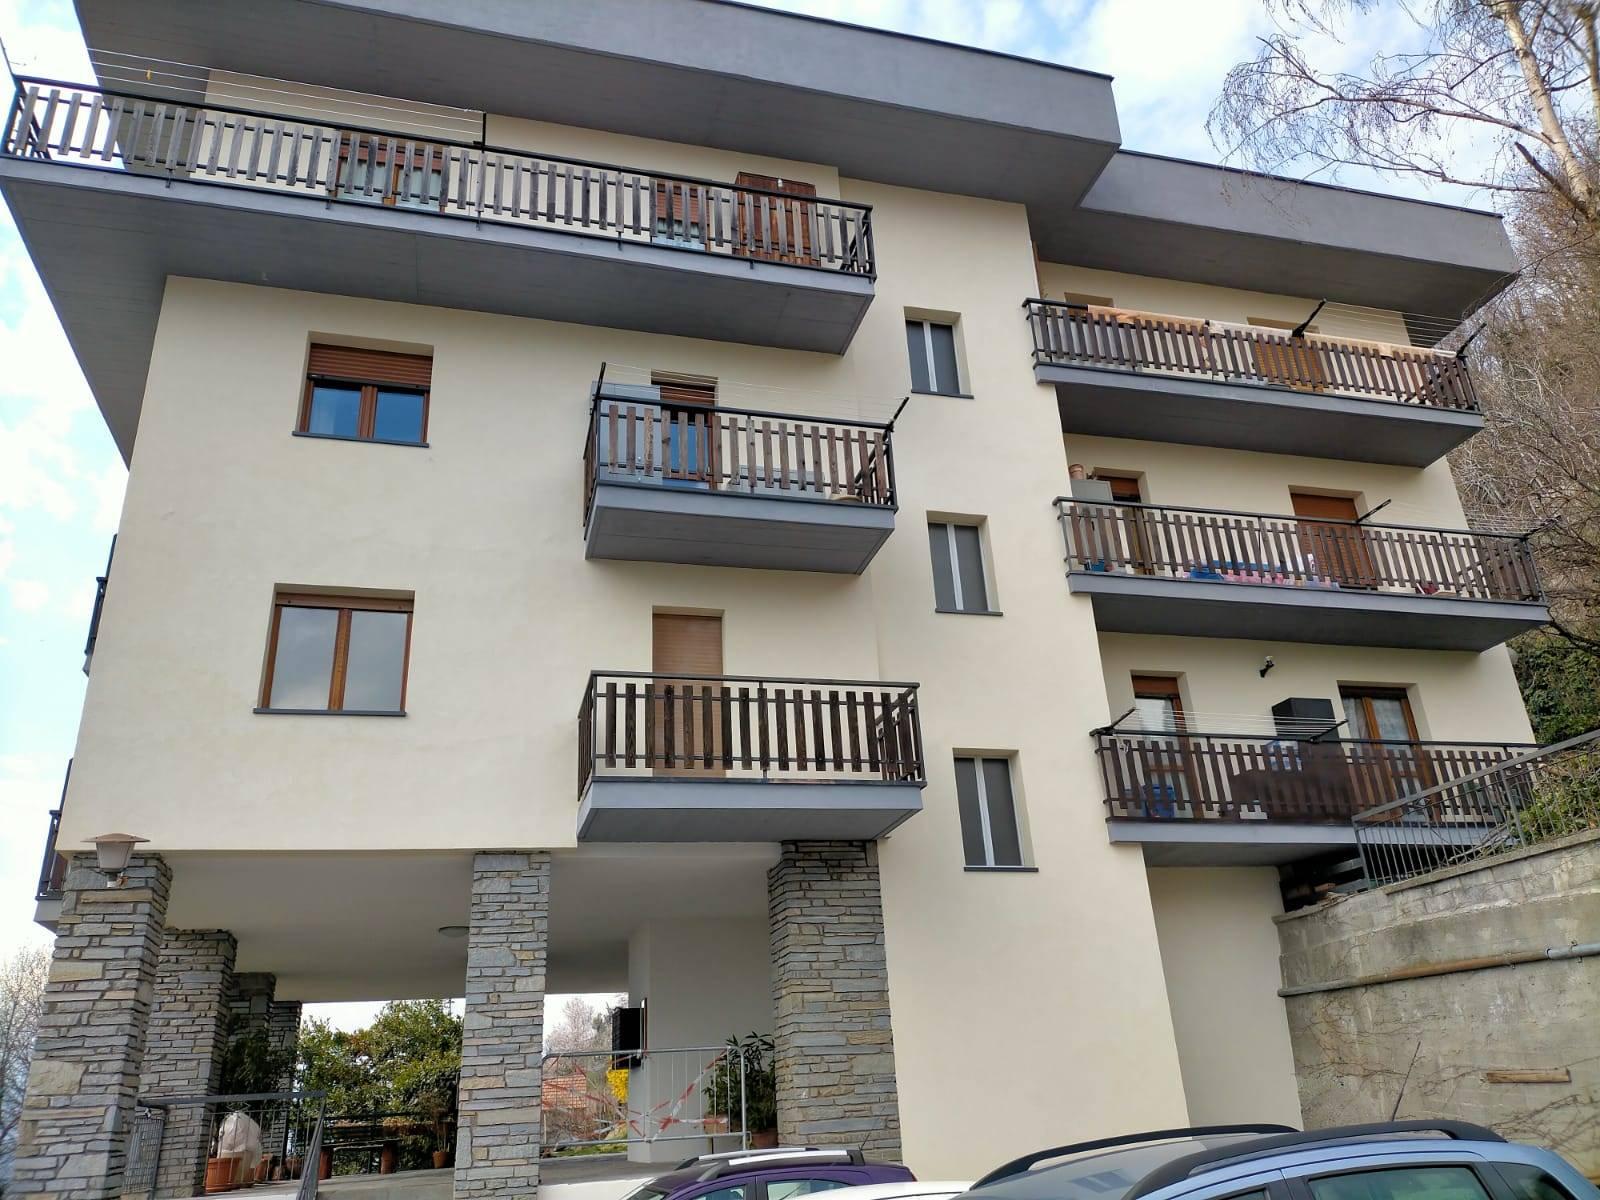 Appartamento in vendita a Aosta, 4 locali, zona Zona: Zona collinare, prezzo € 160.000   CambioCasa.it